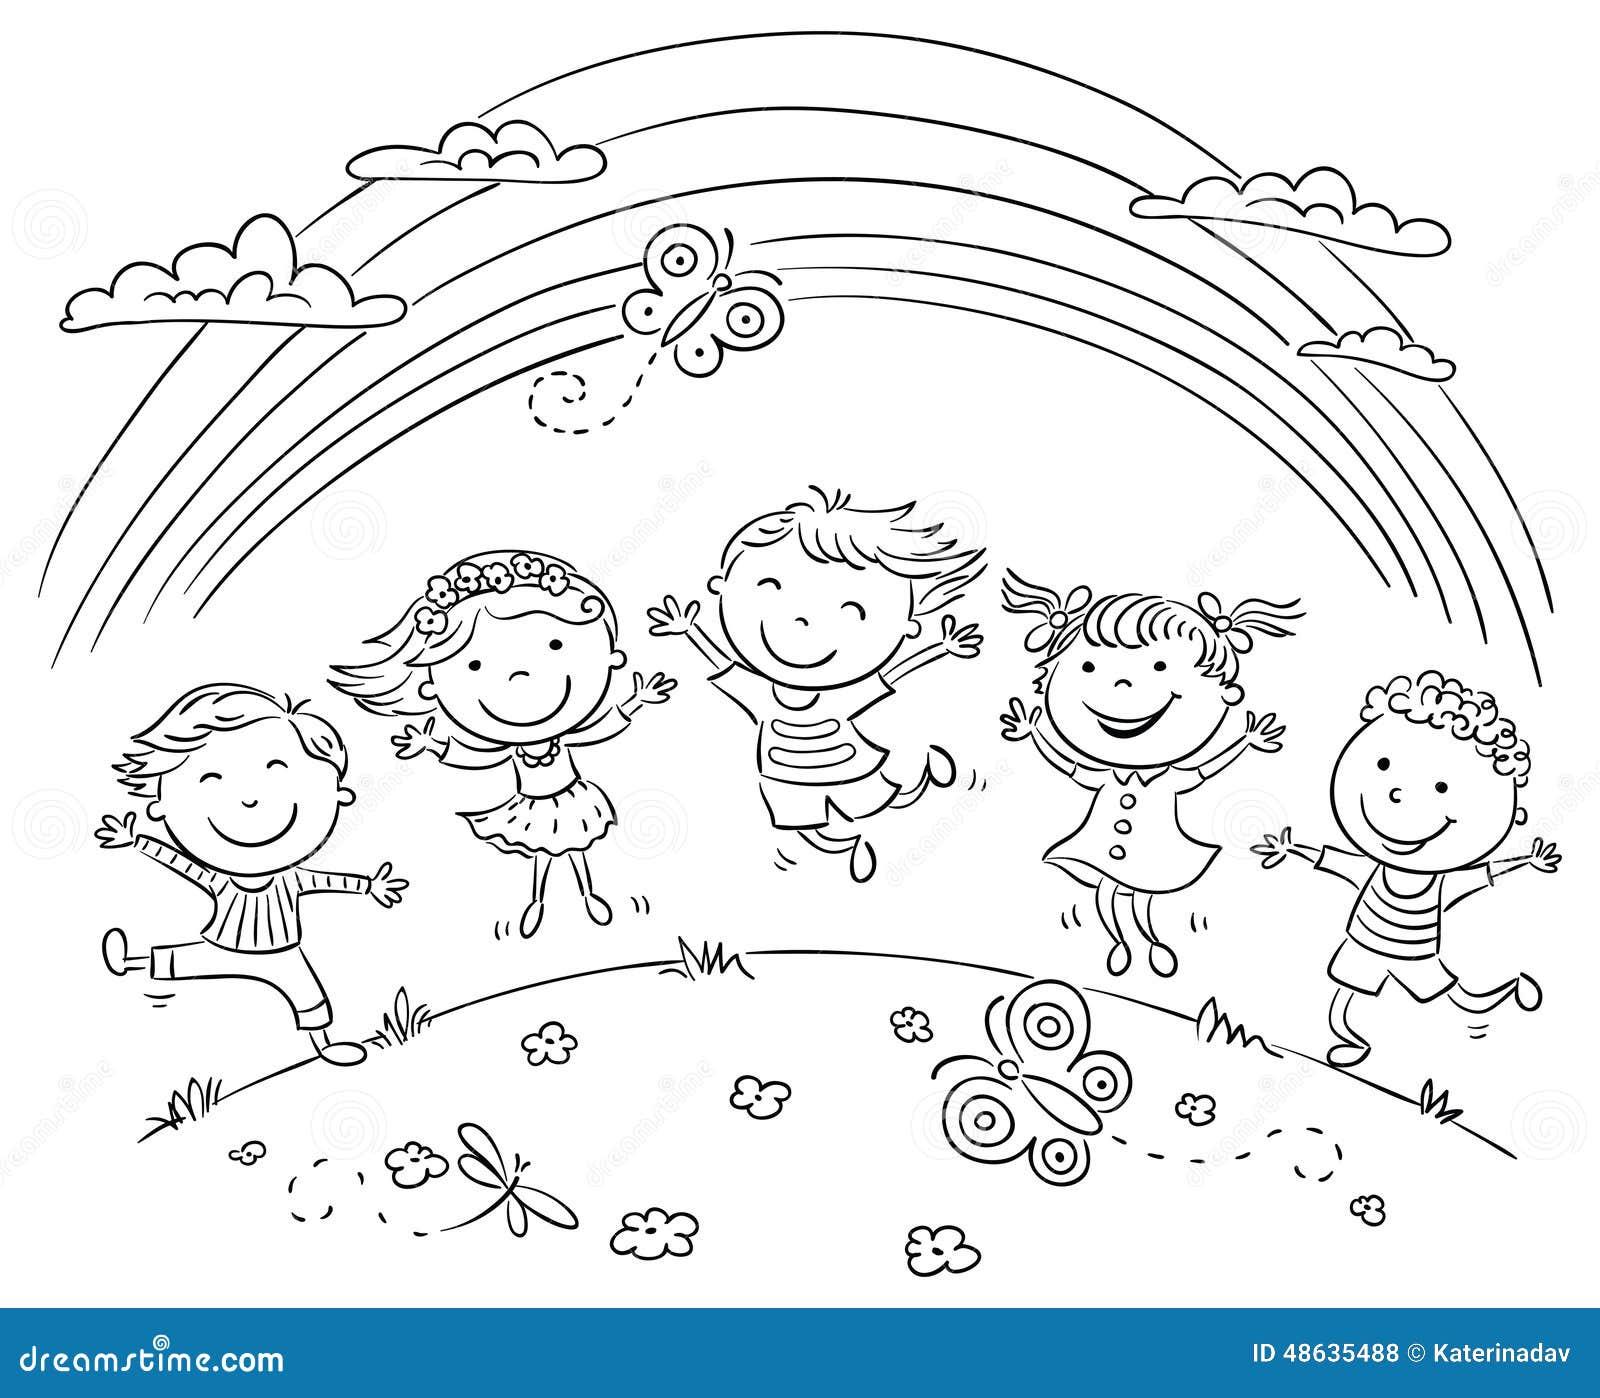 Die Kinder Mit Joy On Einen Hügel Springend Unter Regenbogen Vektor